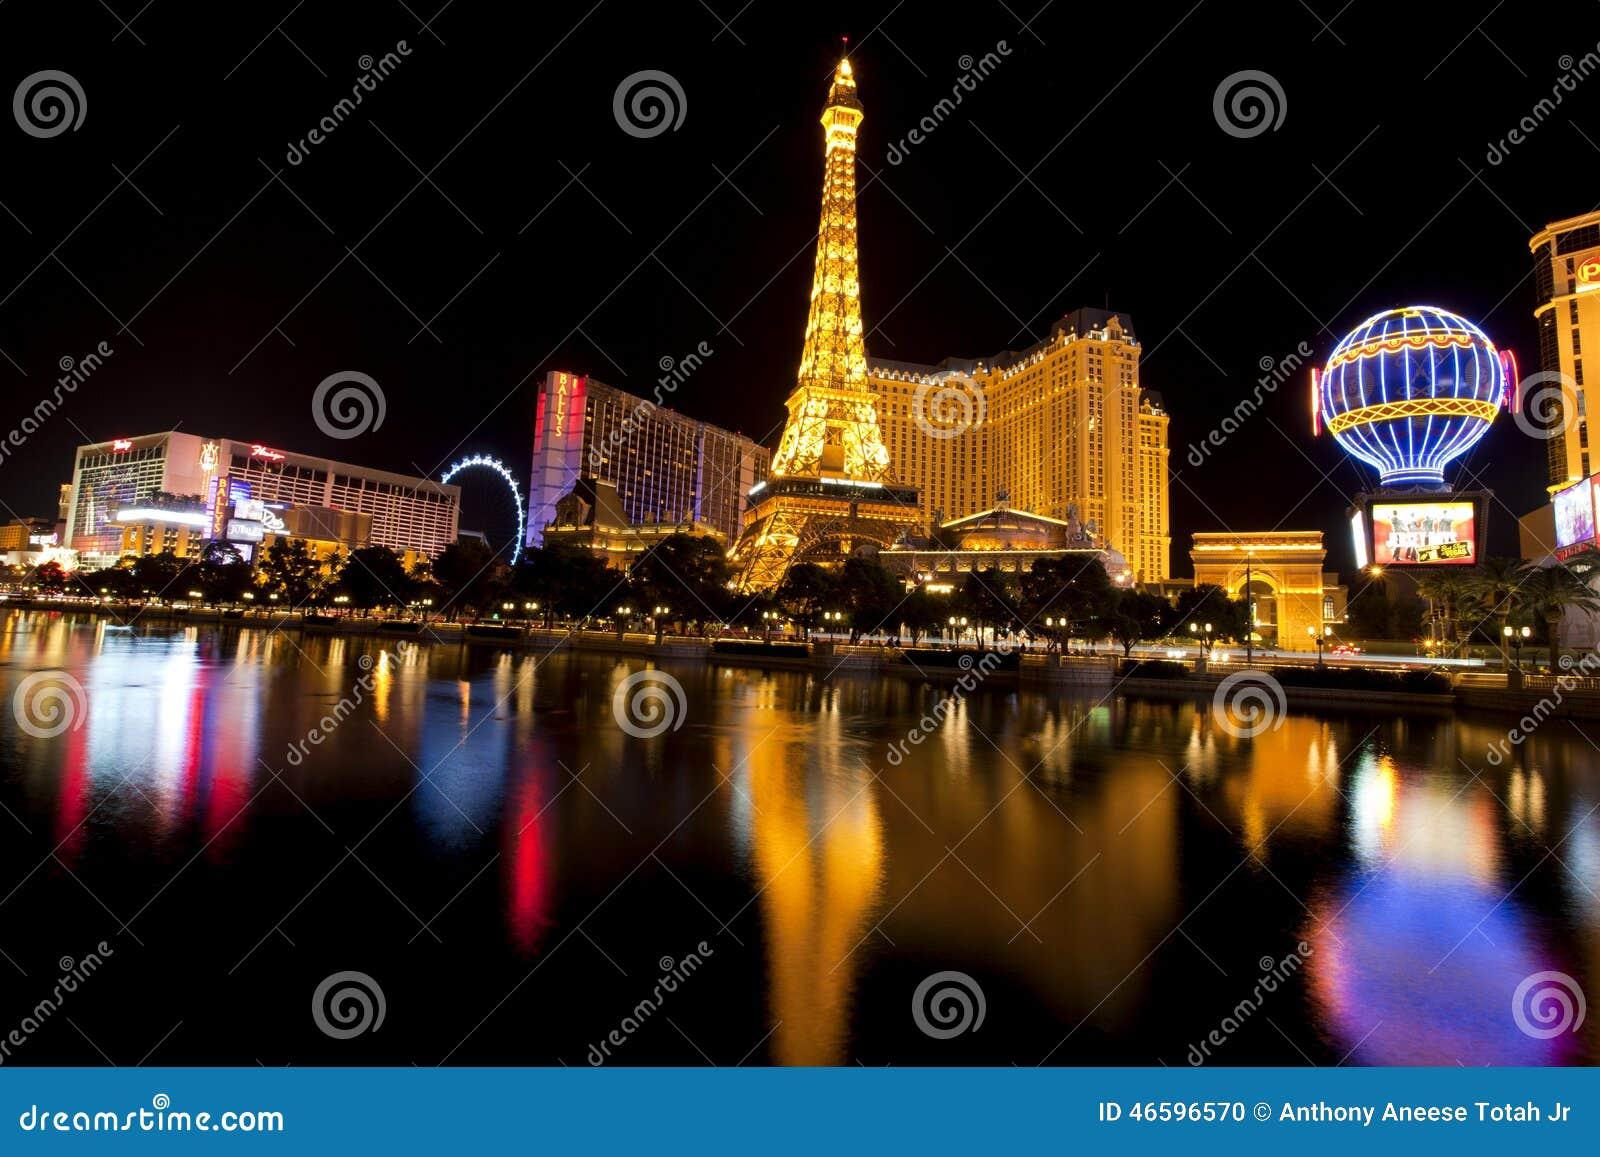 Las Vegas Nightlife - Find the Best Nightclubs in Vegas ...